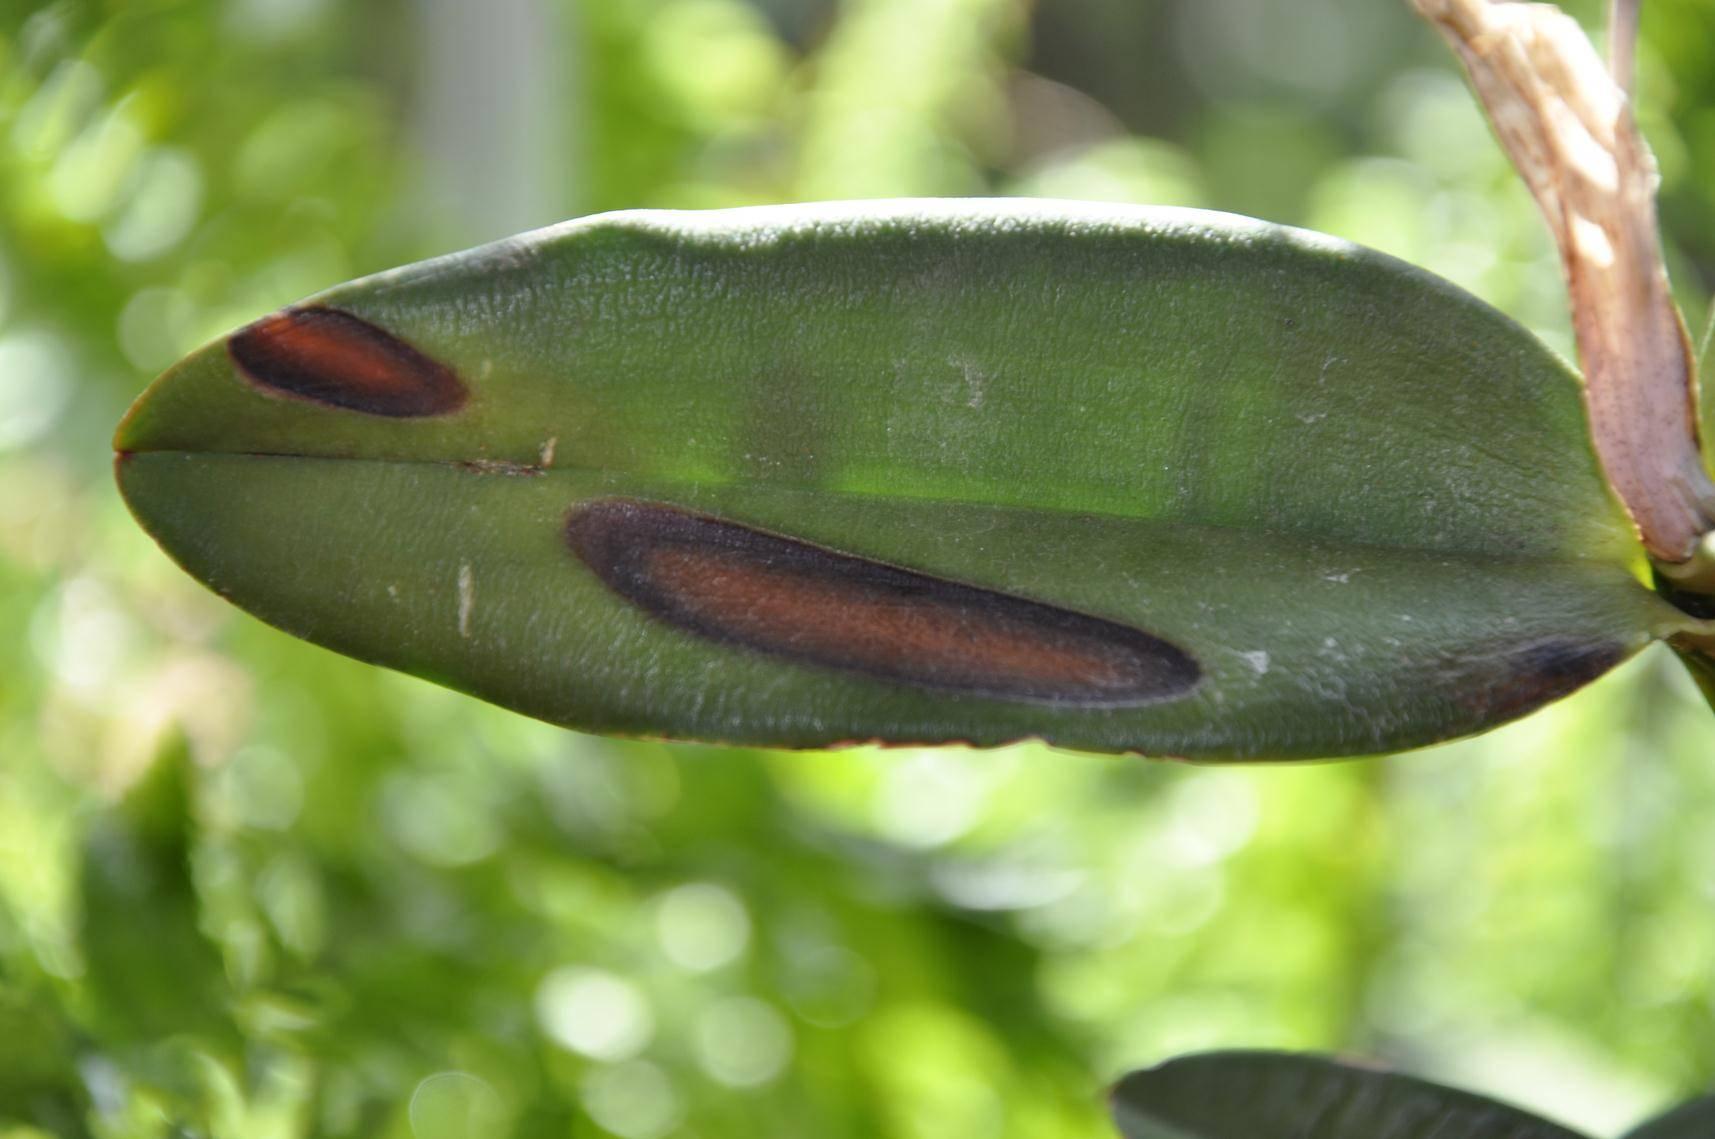 Болезни листьев орхидей: фото и советы специалистов о том, как лечить возможные проблемы